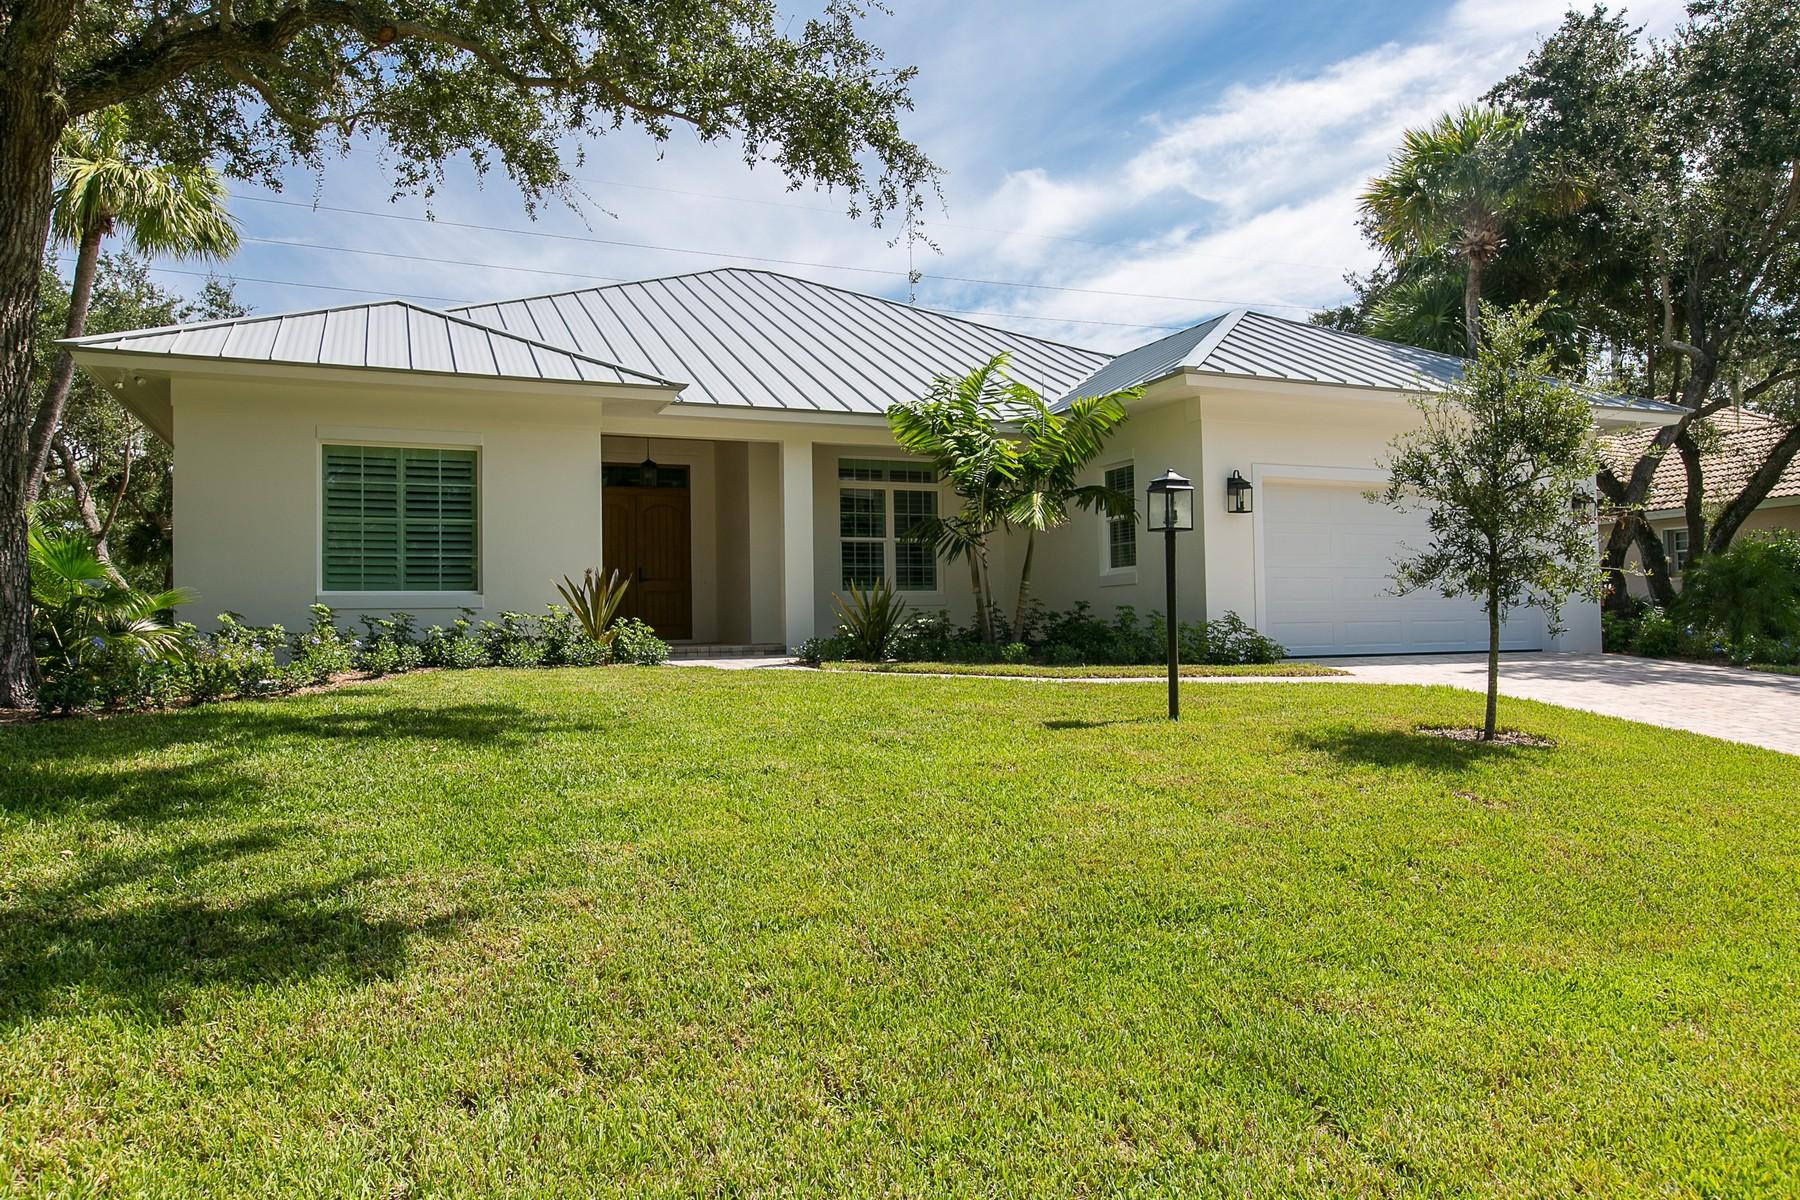 Terreno por un Venta en To Be Constructed Savvy Home in Golf Course Community 5750 Glen Eagle Lane Vero Beach, Florida, 32967 Estados Unidos